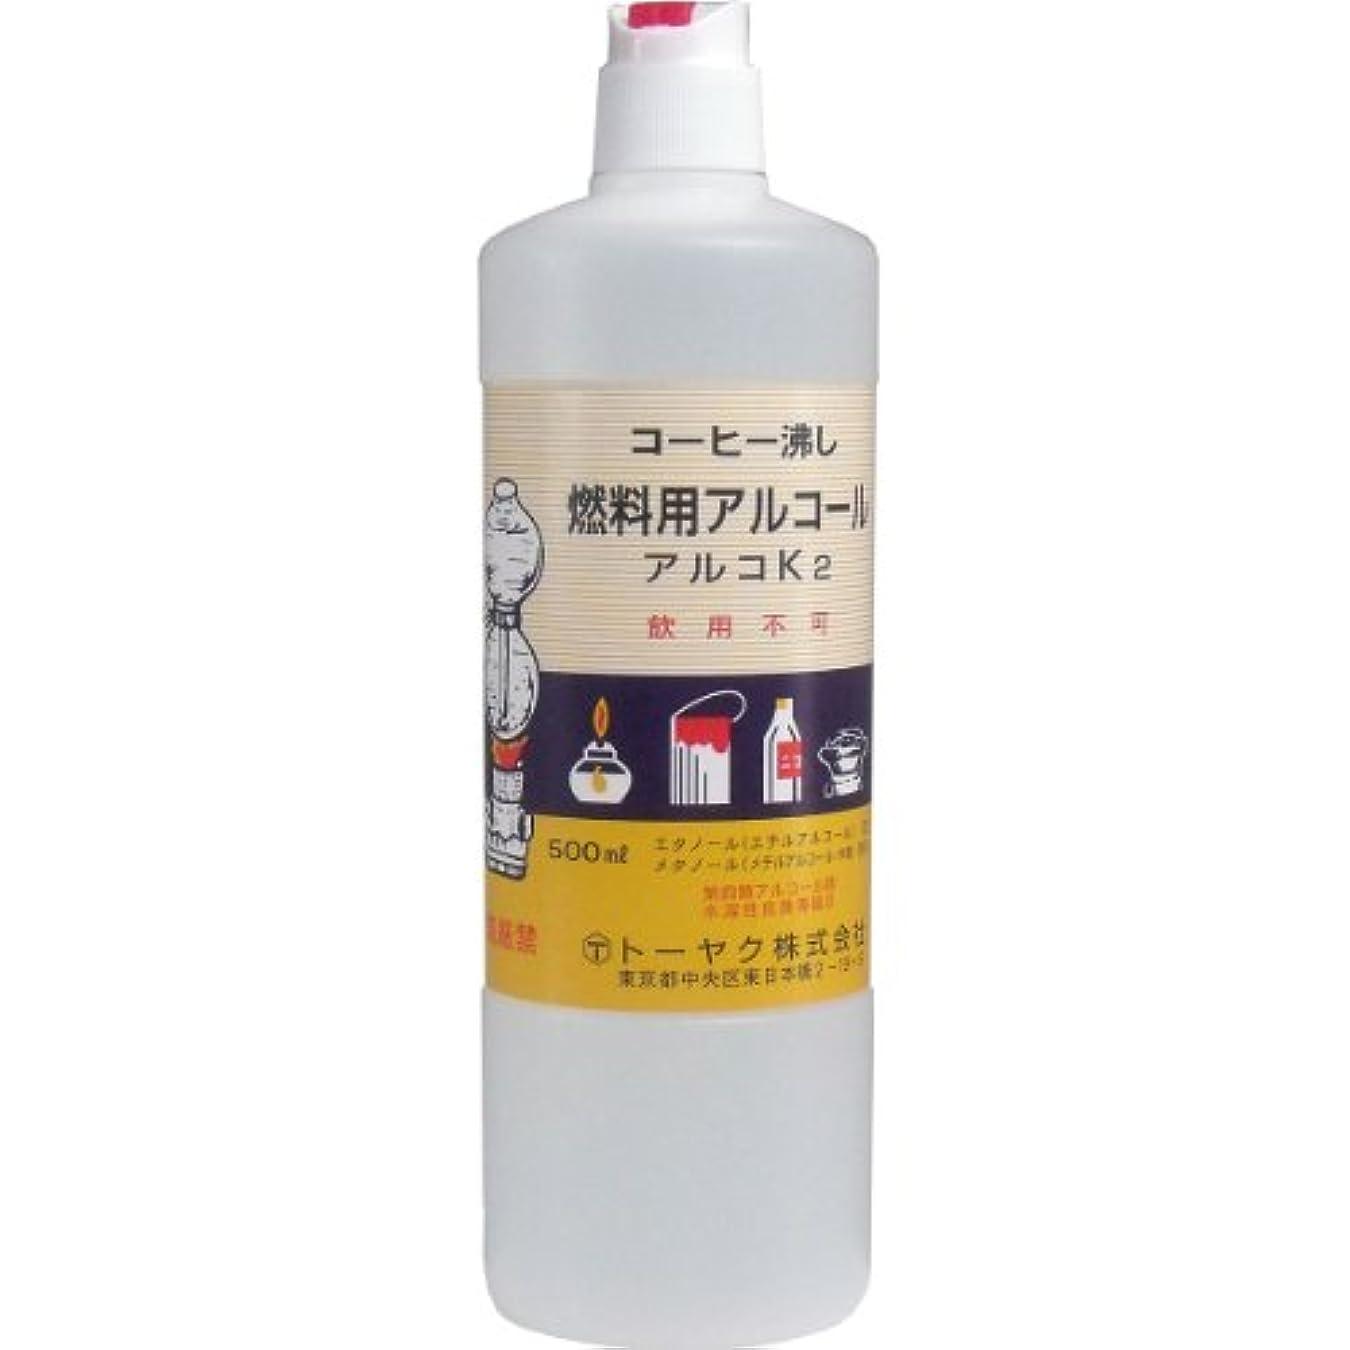 小川つまずく敬意を表して燃料用アルコール アルコK2 ×3個セット